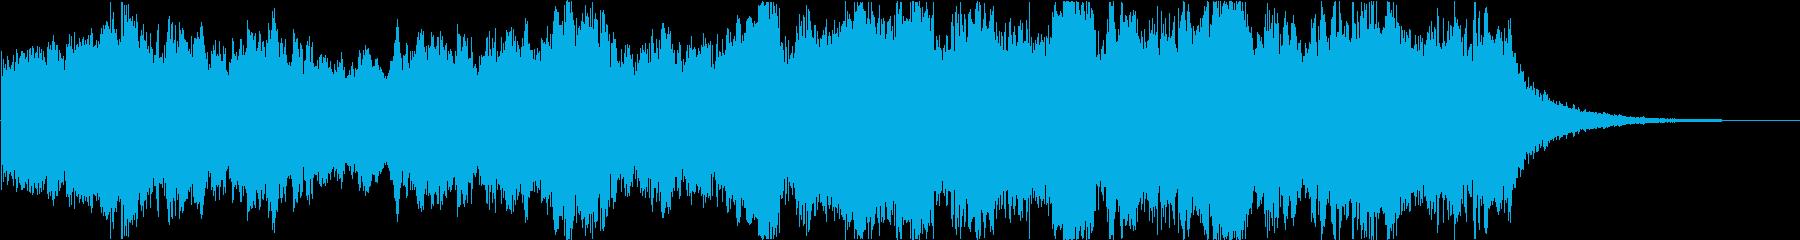 オーケストラ 豪華な雰囲気 短い完結の再生済みの波形